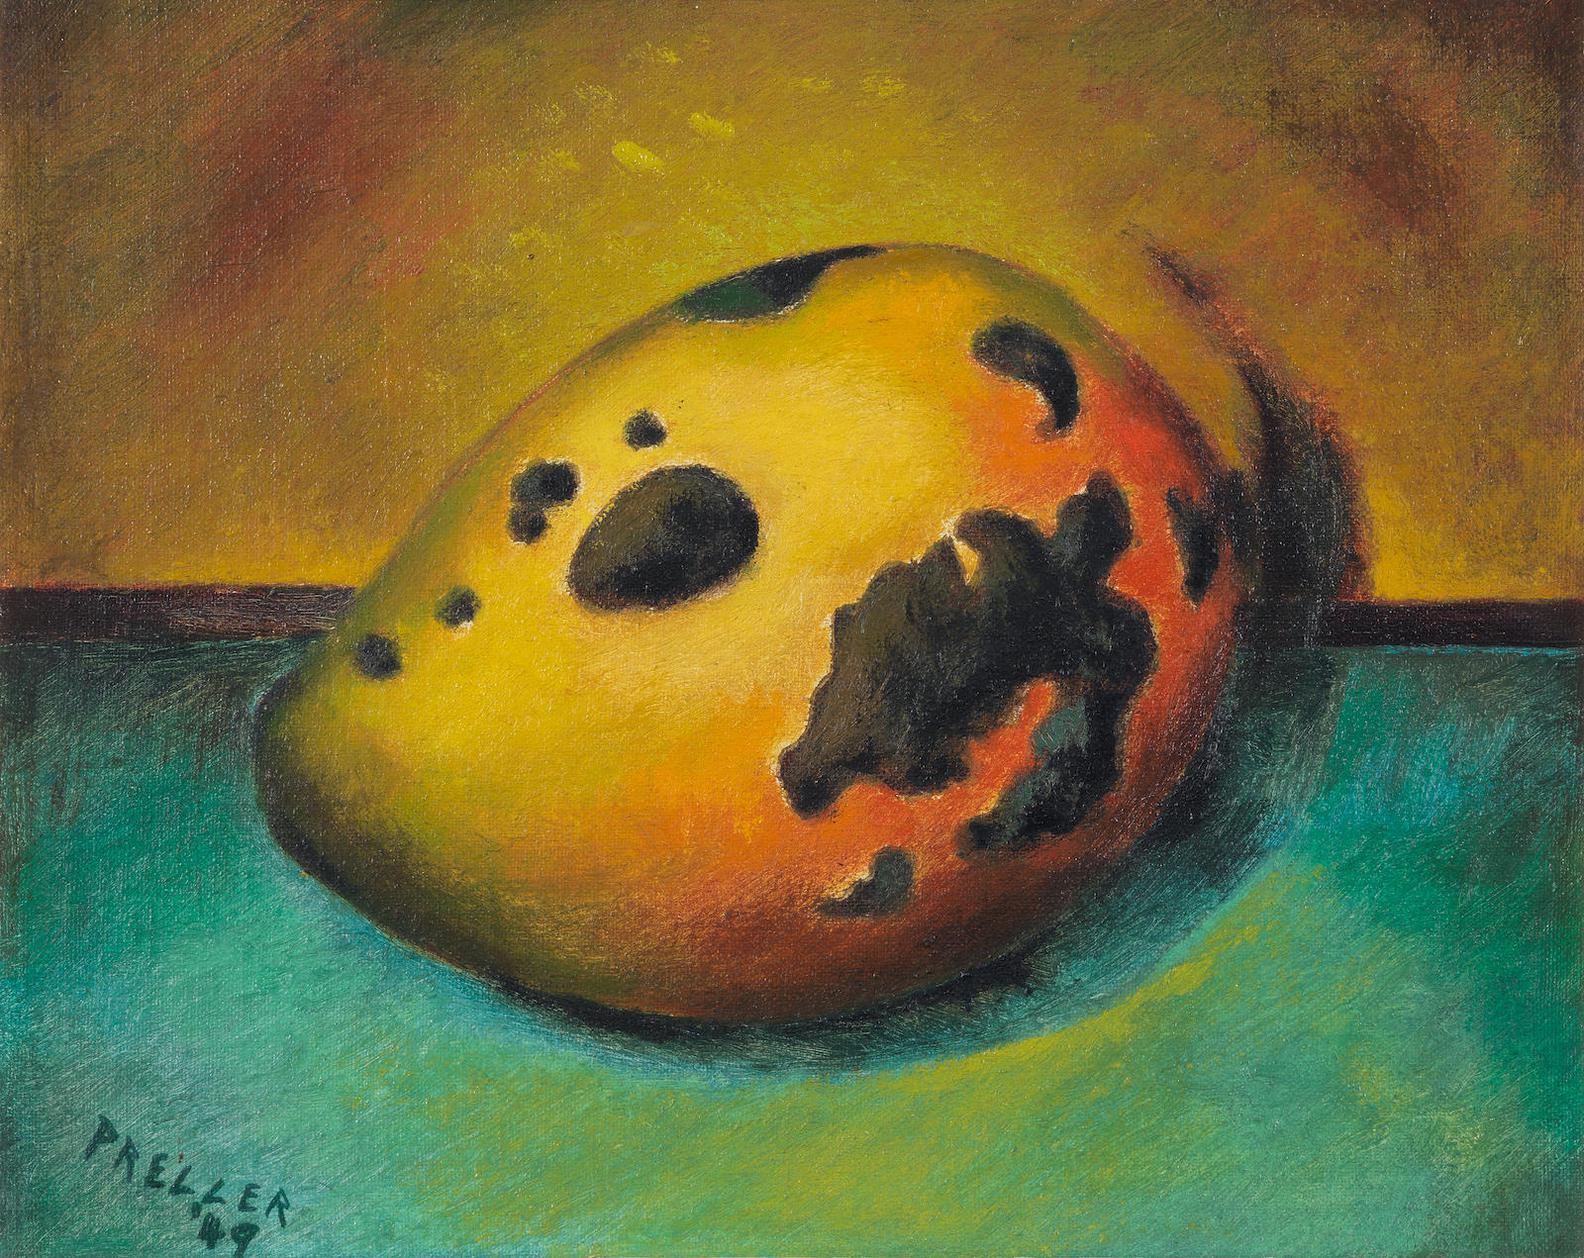 Alexis Preller - Mango-1949